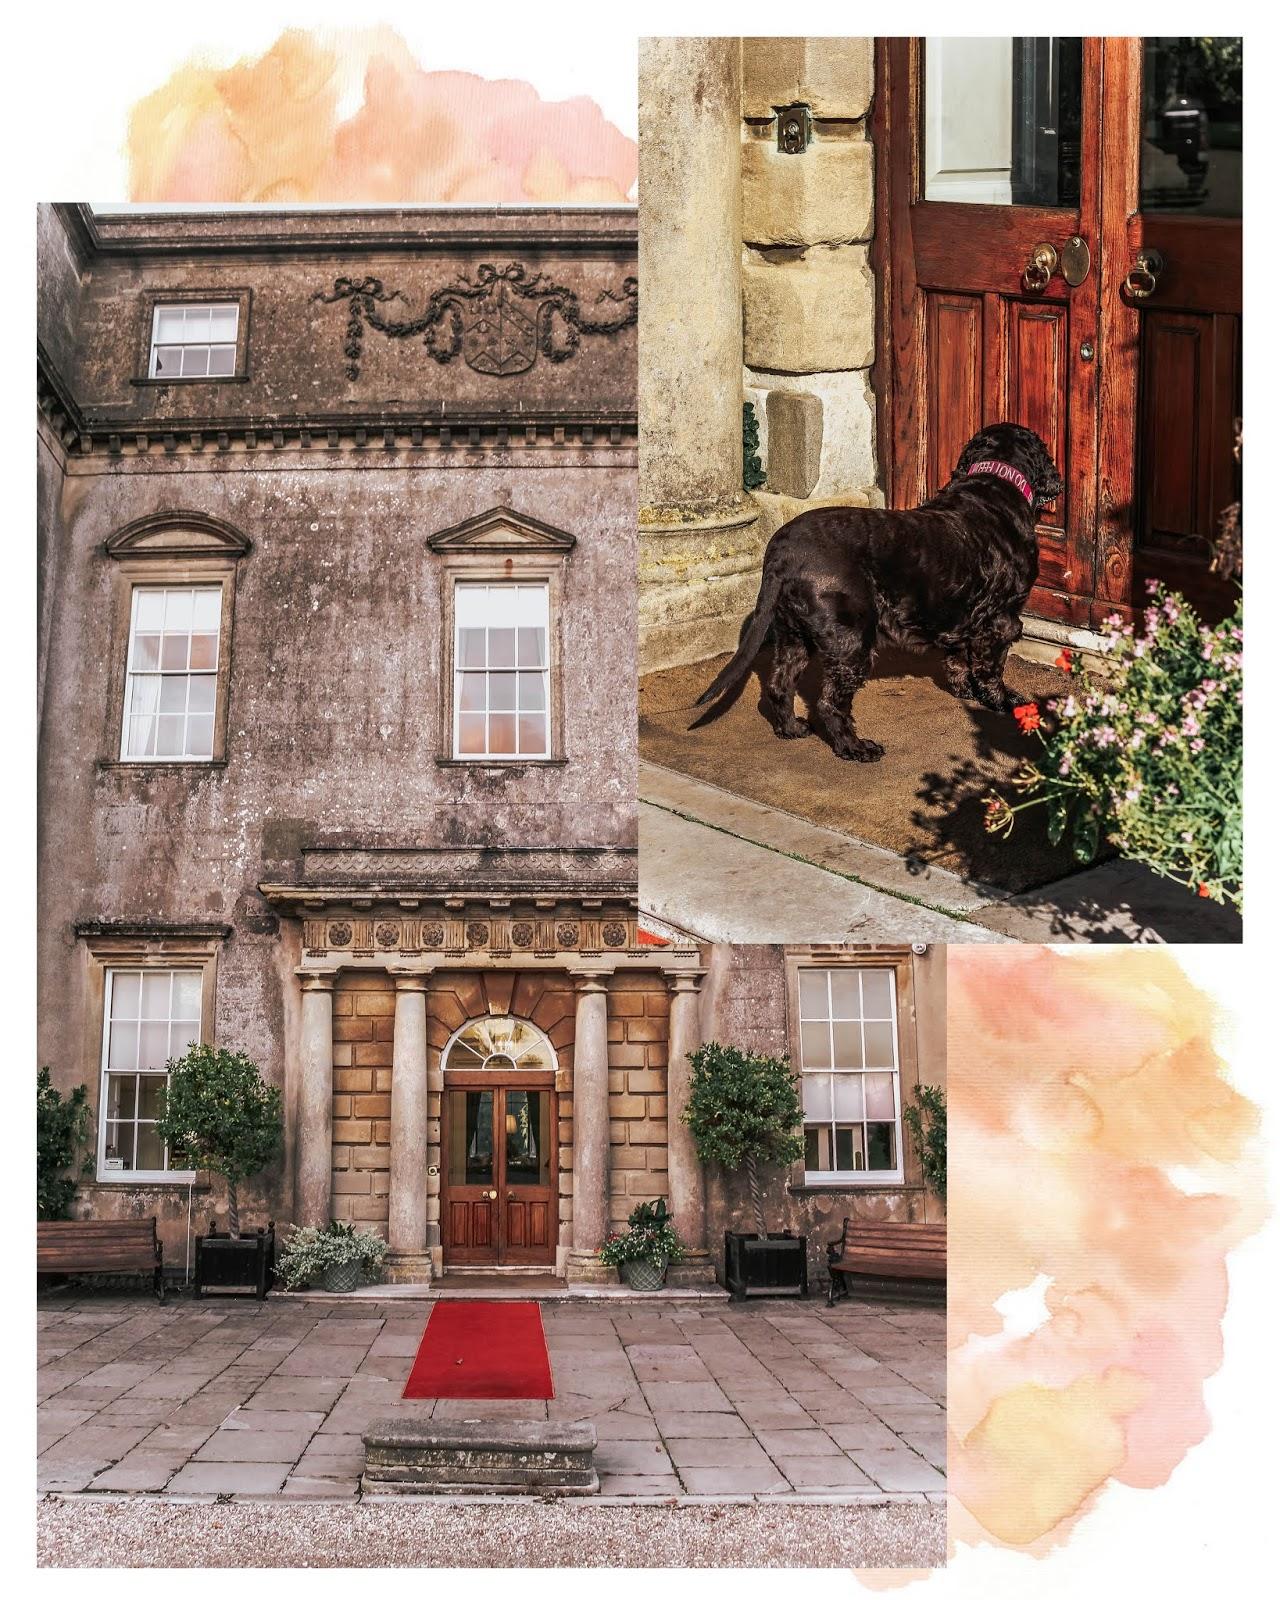 Ston Easton Park Hotel Resident Cocker Spaniel Dog